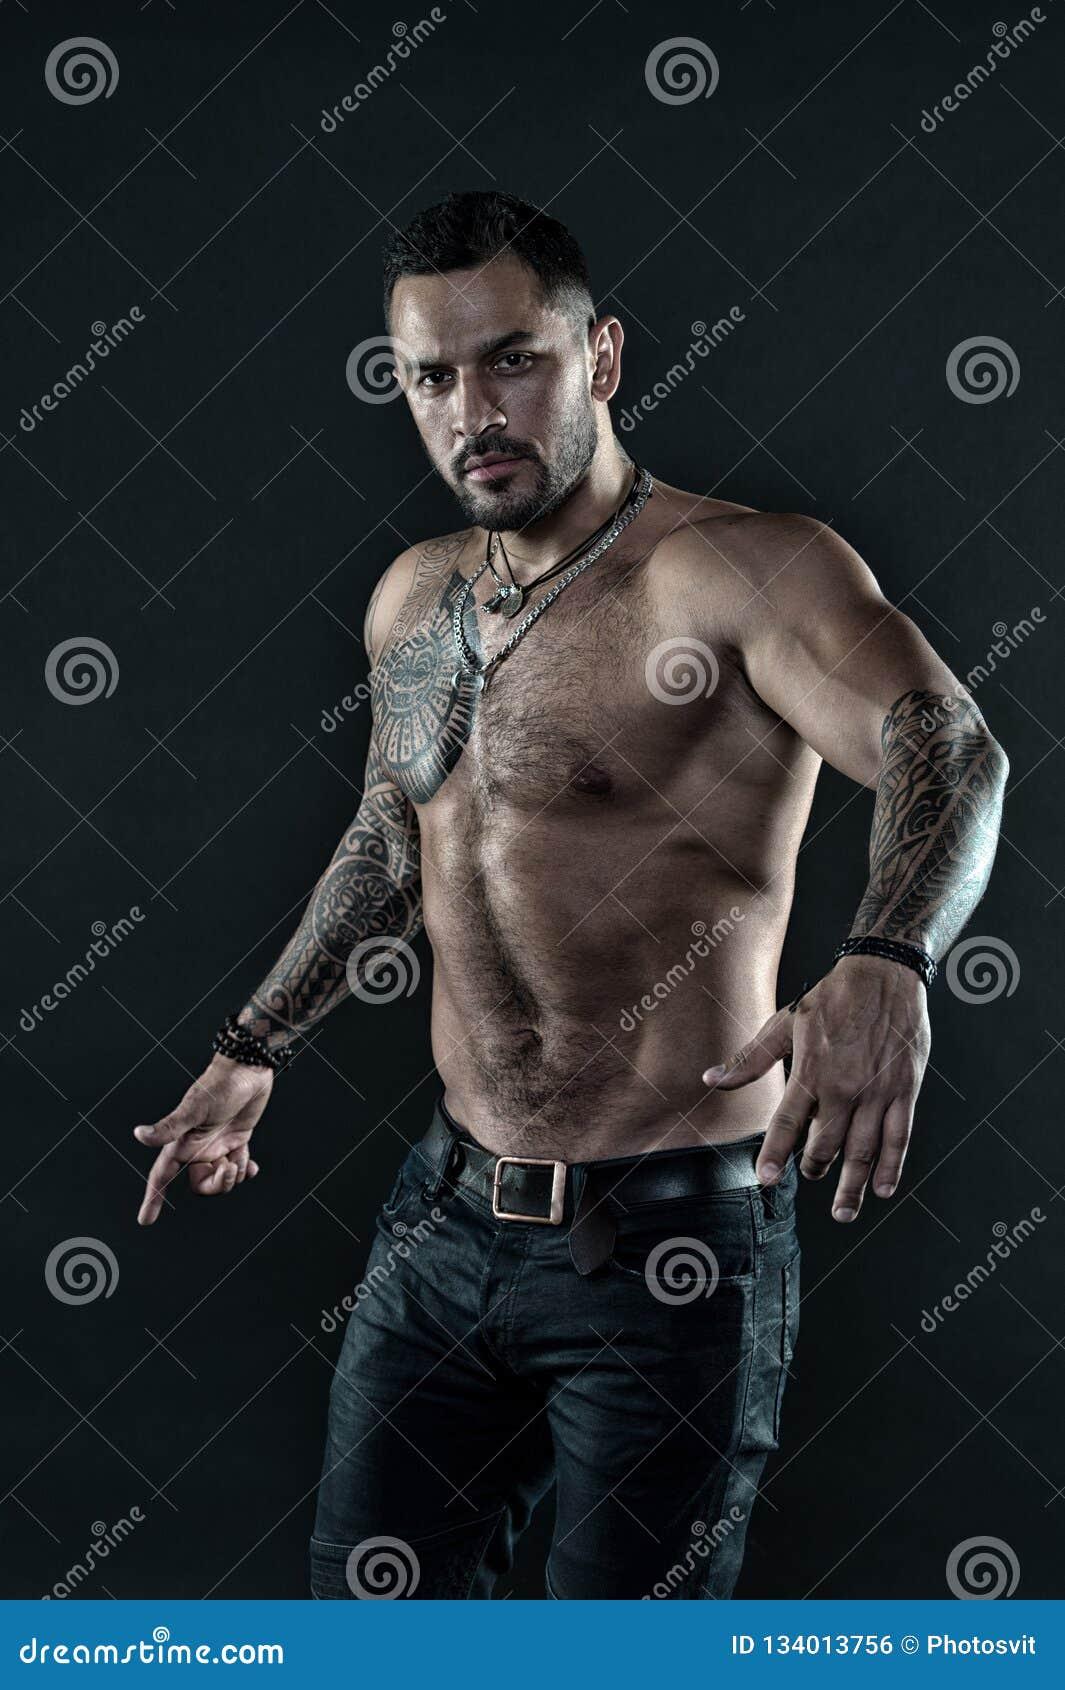 有纹身花刺的残酷严密的强壮男子 阳刚之气和残酷 纹身花刺文化概念 纹身花刺残酷属性 博若莱红葡萄酒